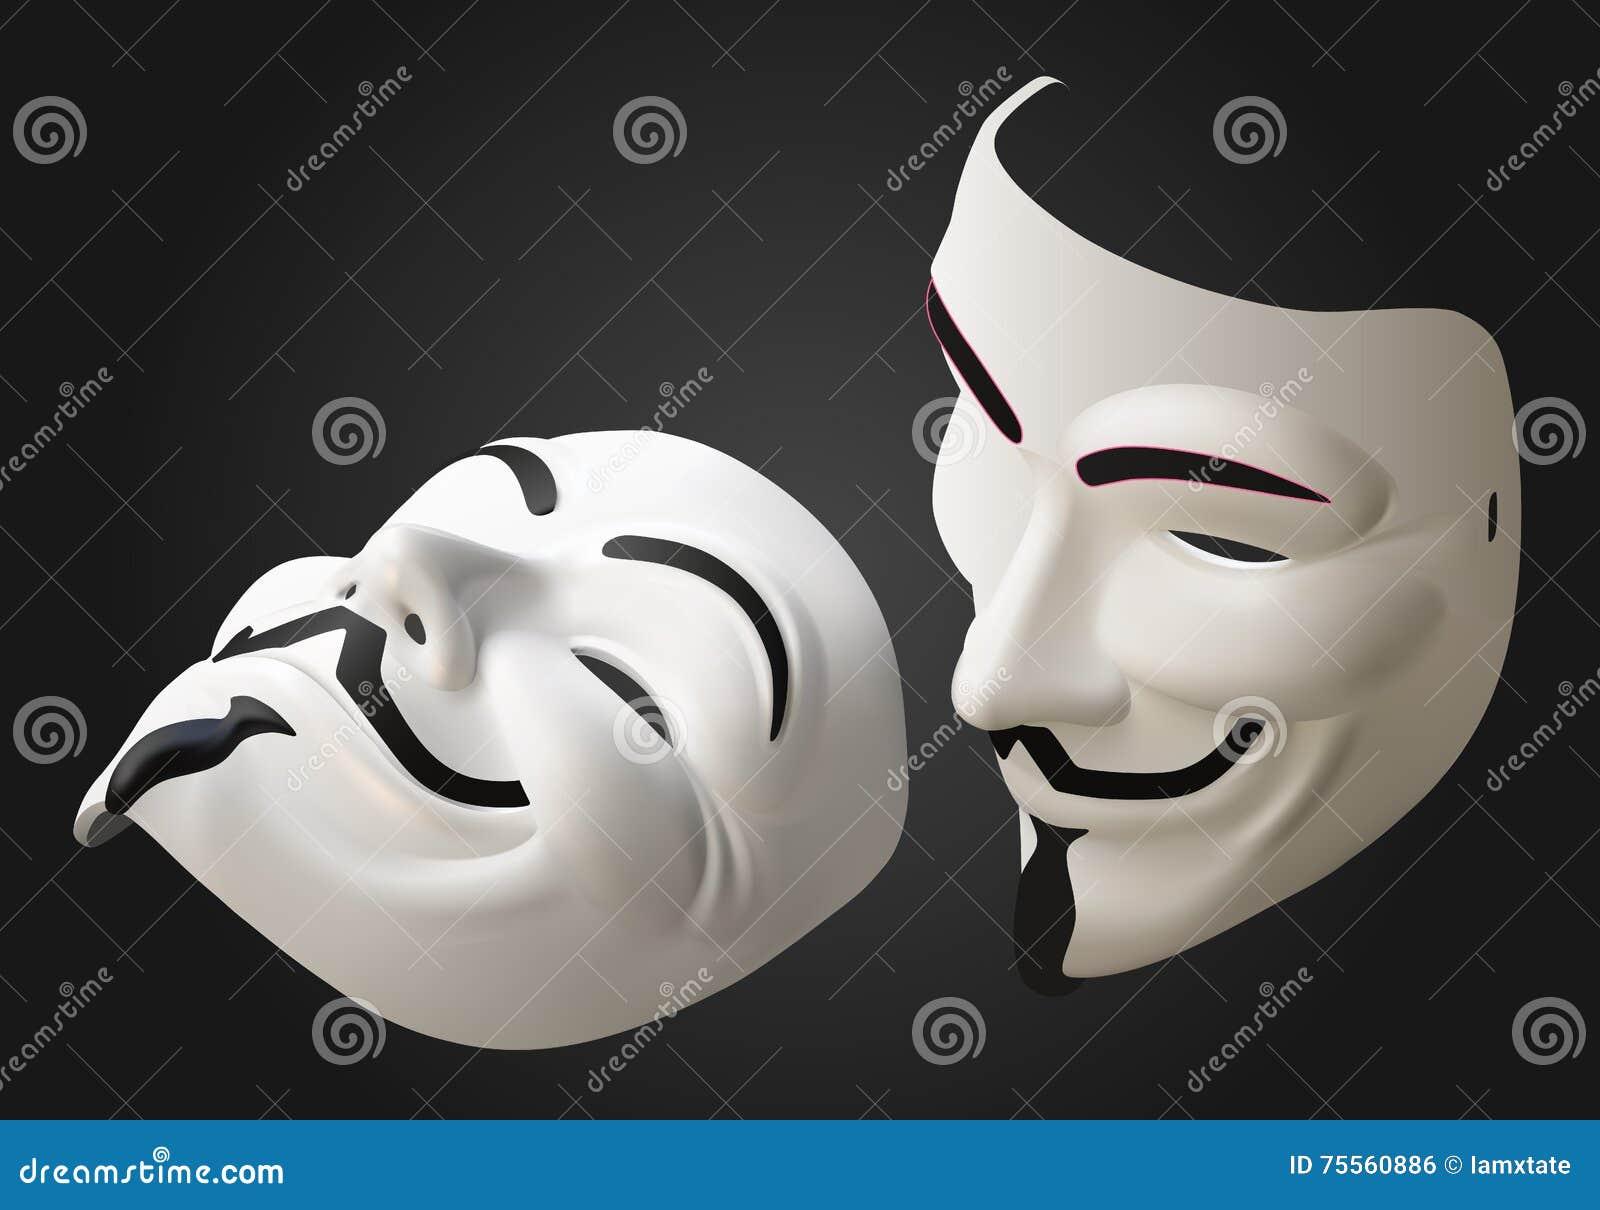 等量匿名面具的传染媒介3d